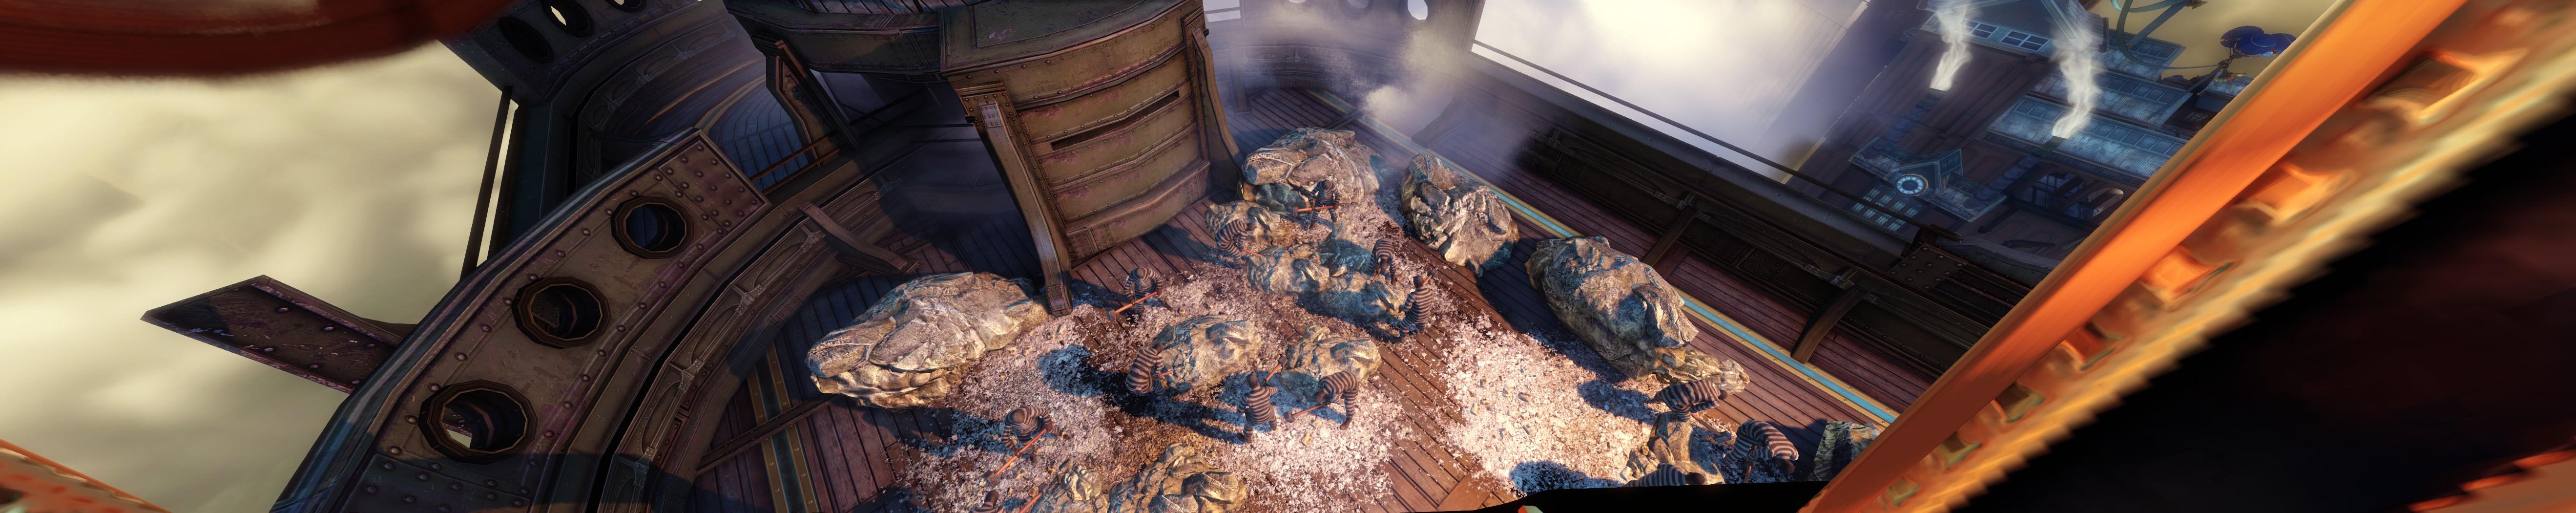 Bioshock_Infinite_2013-04-21_00066